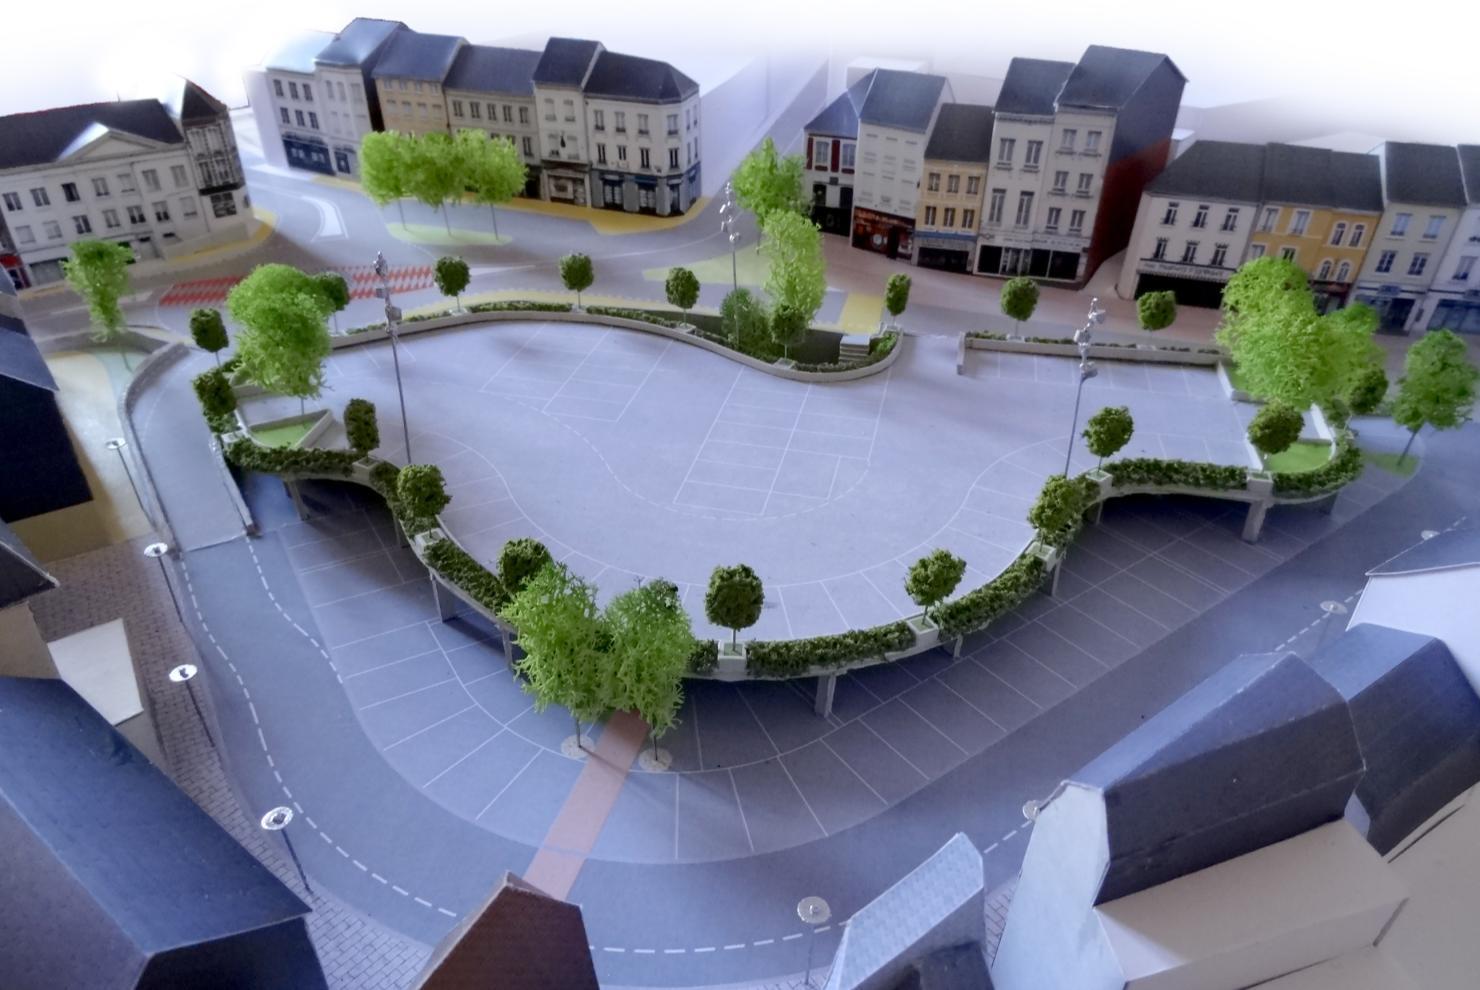 Maquette de la Place Charles De Gaulle © Architecte Olivier BRESSAC